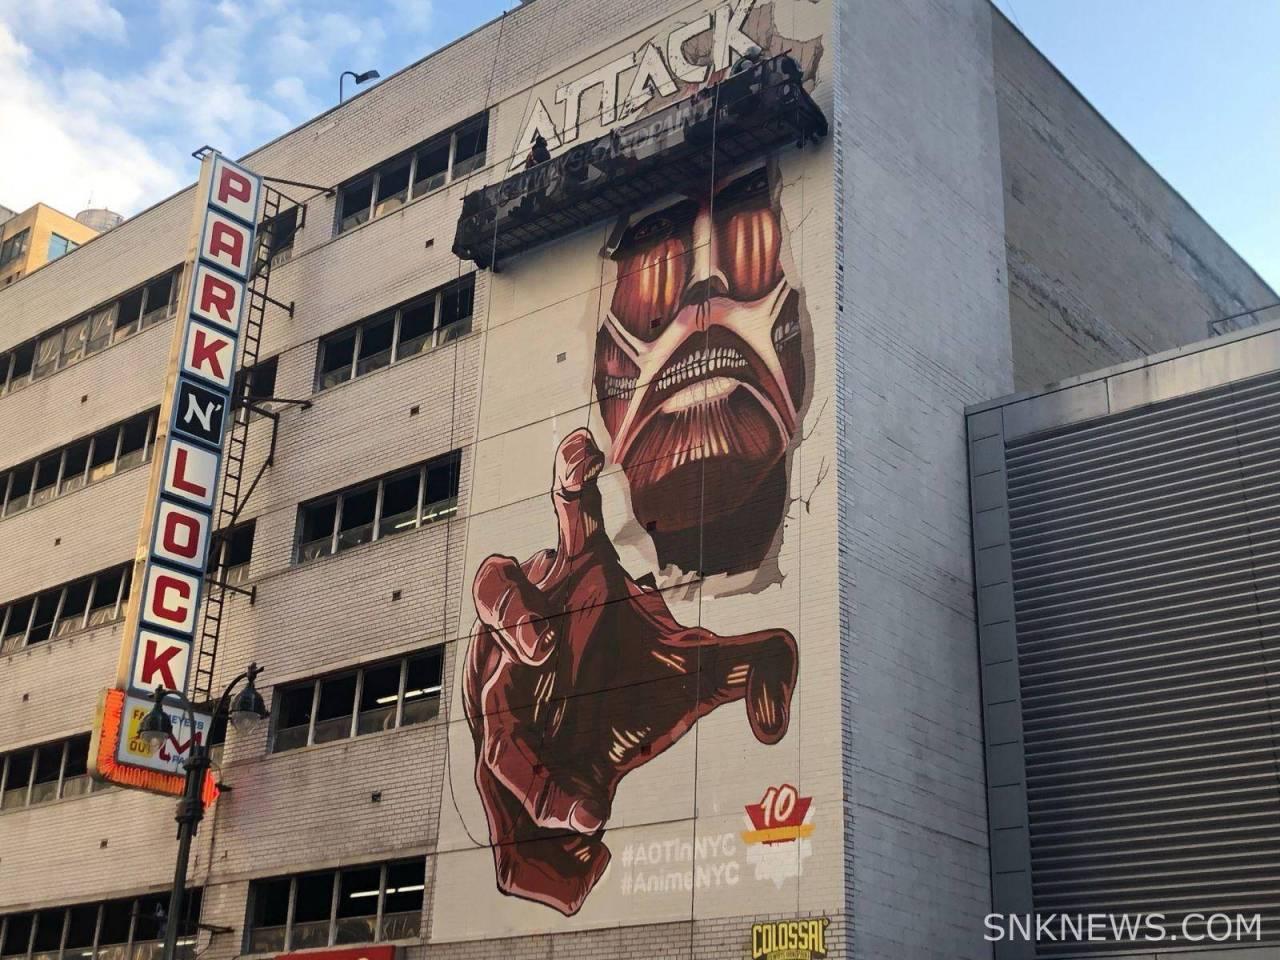 Attack on Titan celebra 100 millones de copias con mural en NY